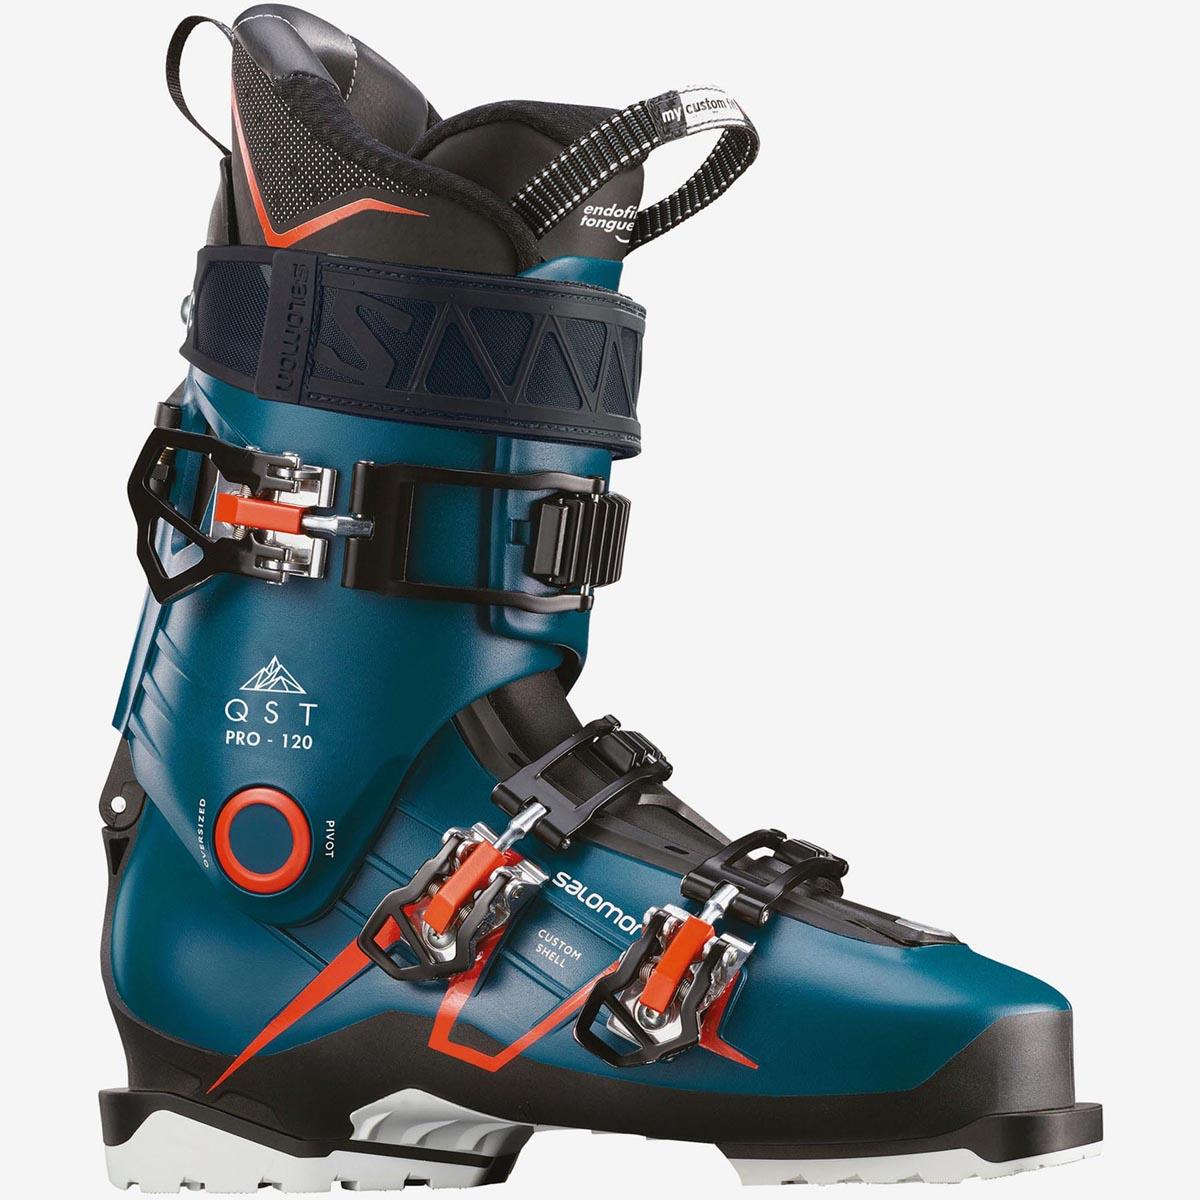 Ботинки лыжные QST PRO 120